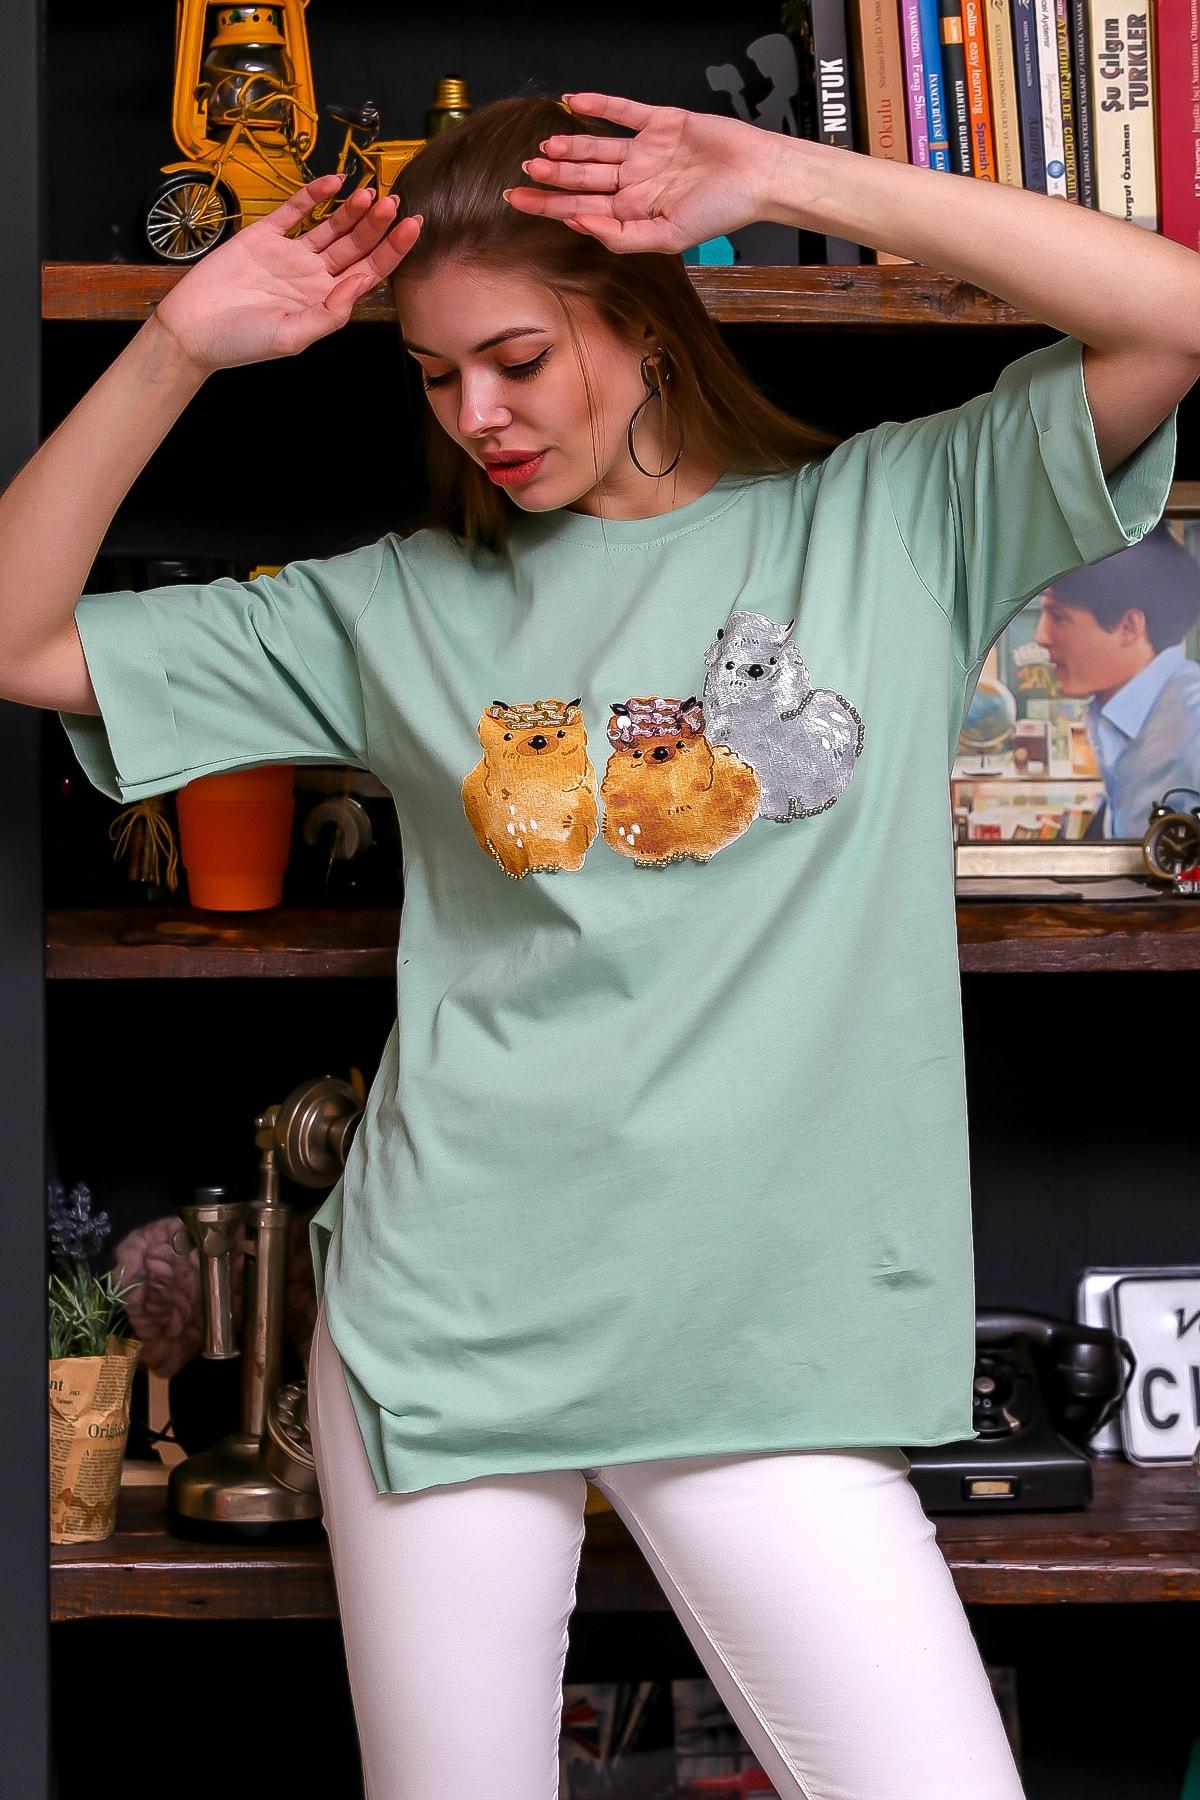 Chiccy Kadın Mint Çizgi Köpekler Baskılı El İşi Pul İşlemeli T-Shirt M10010300TS98342